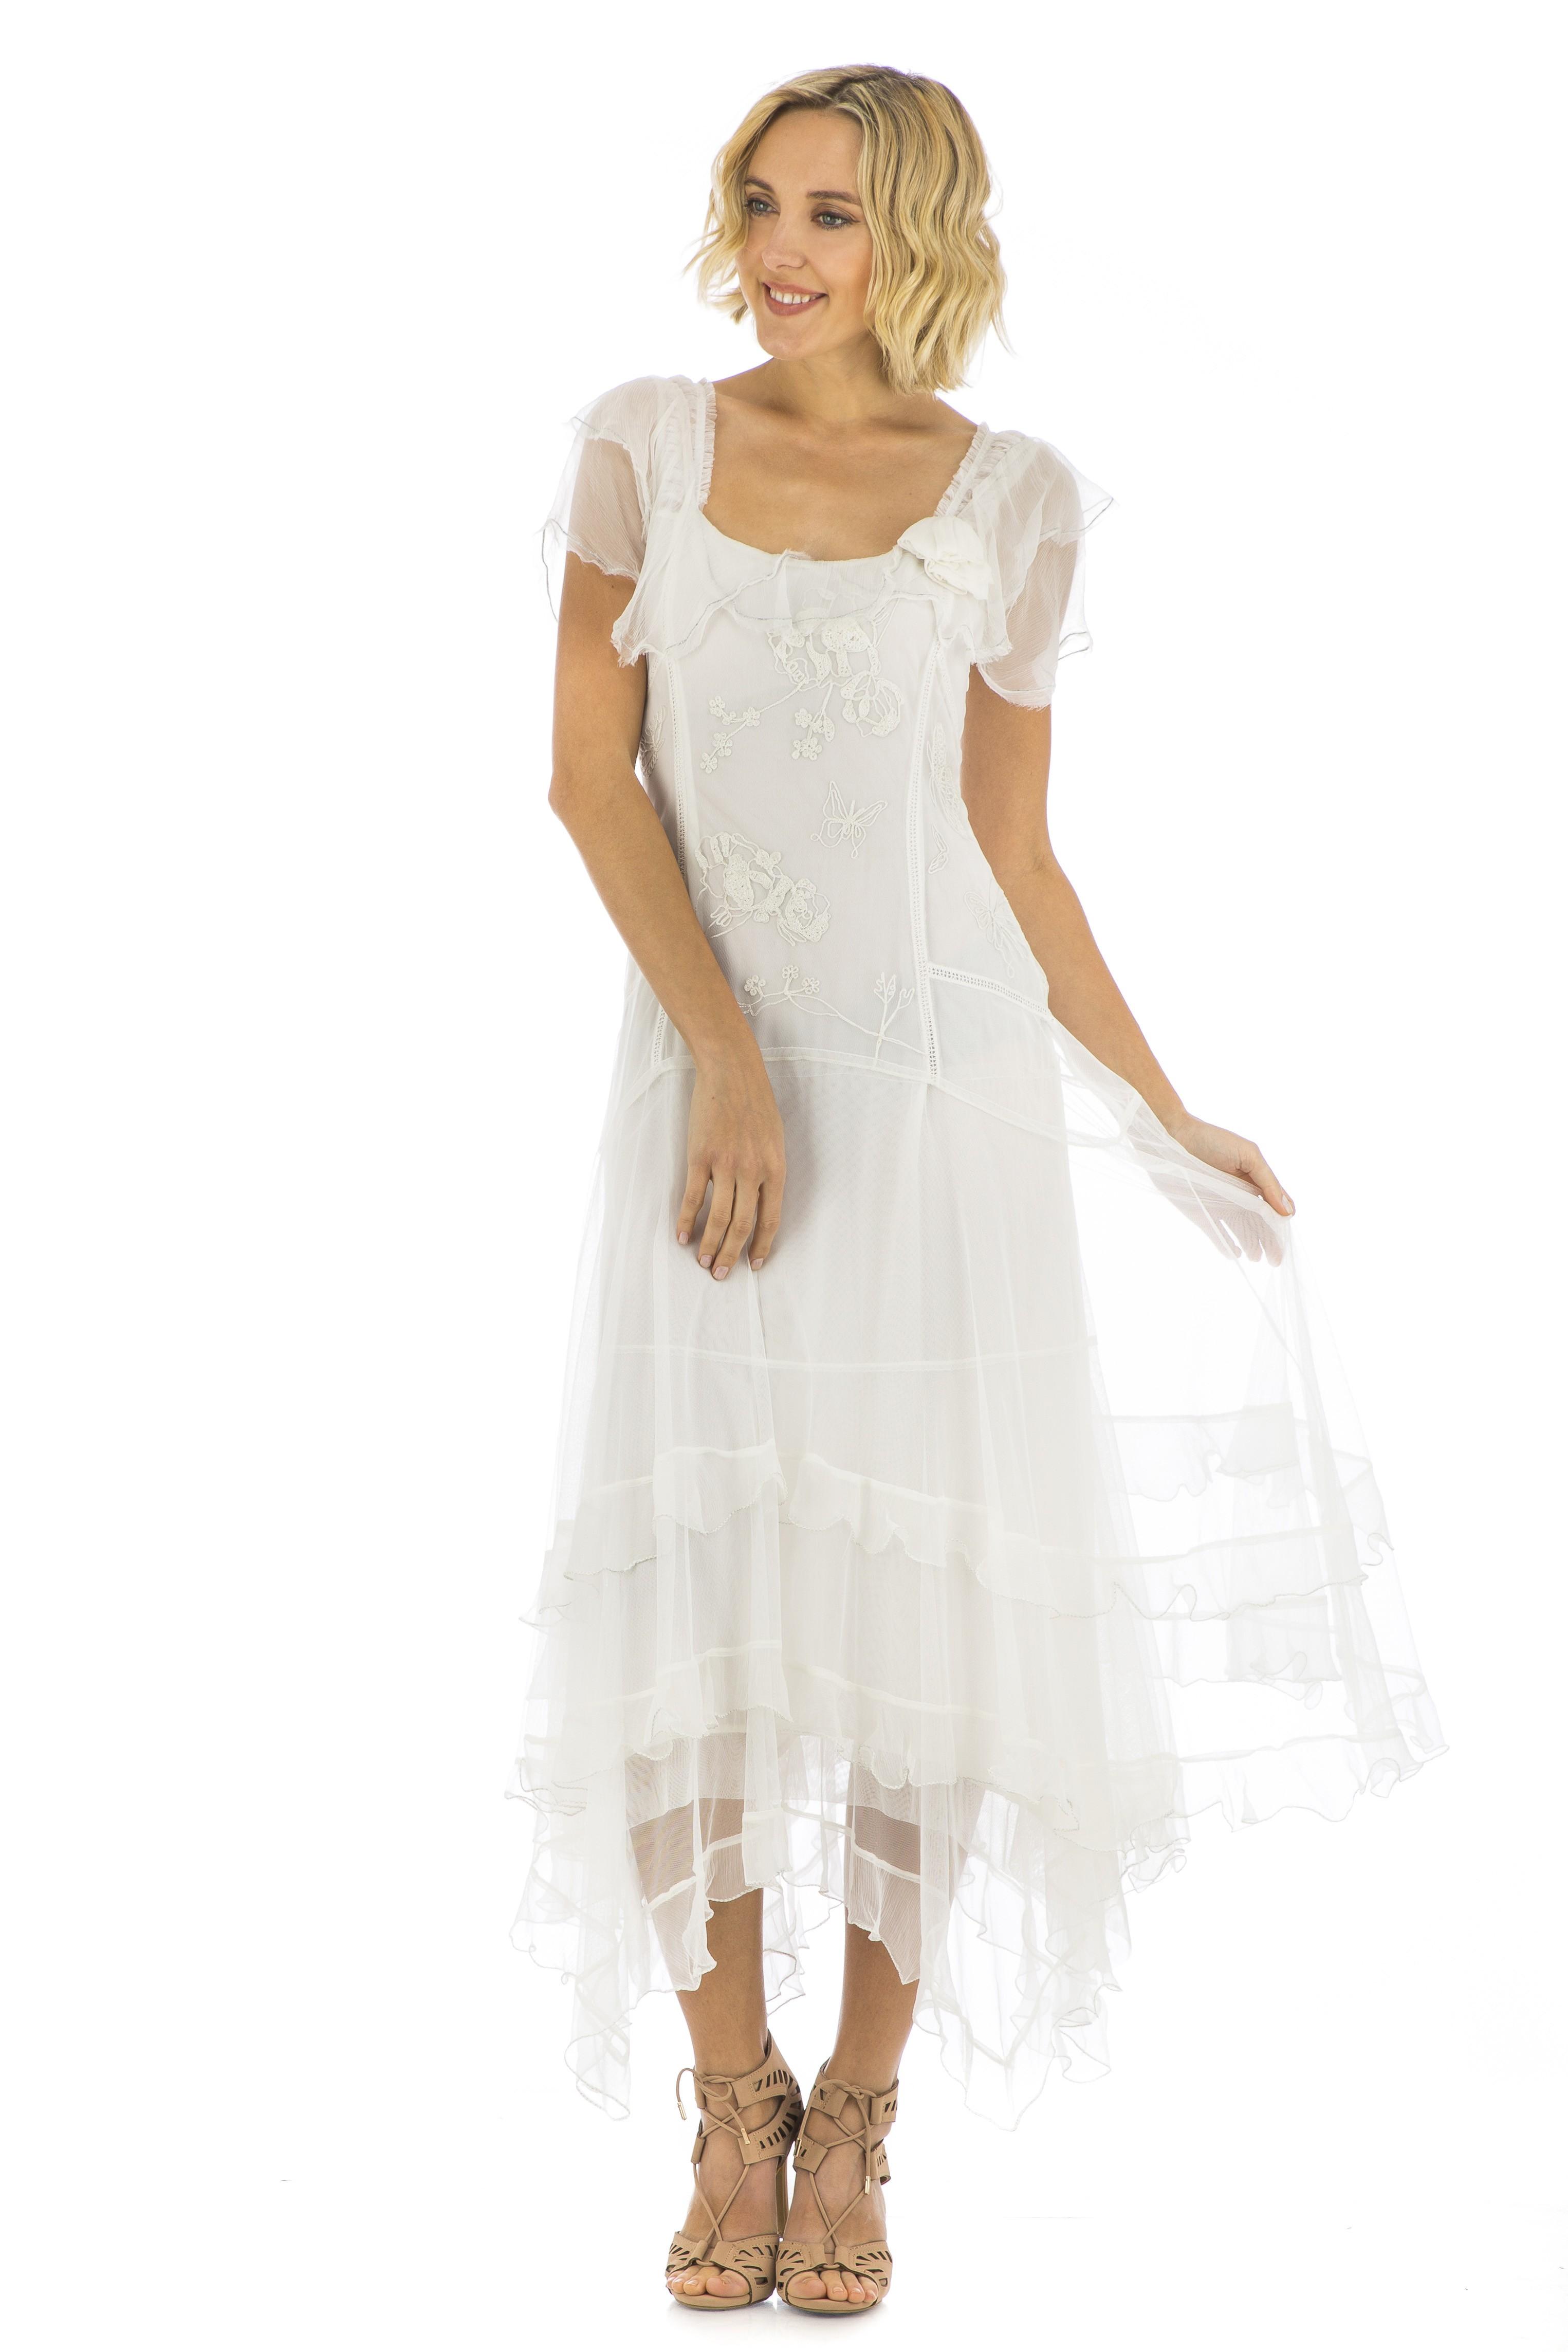 nataya wedding dresses photo - 1